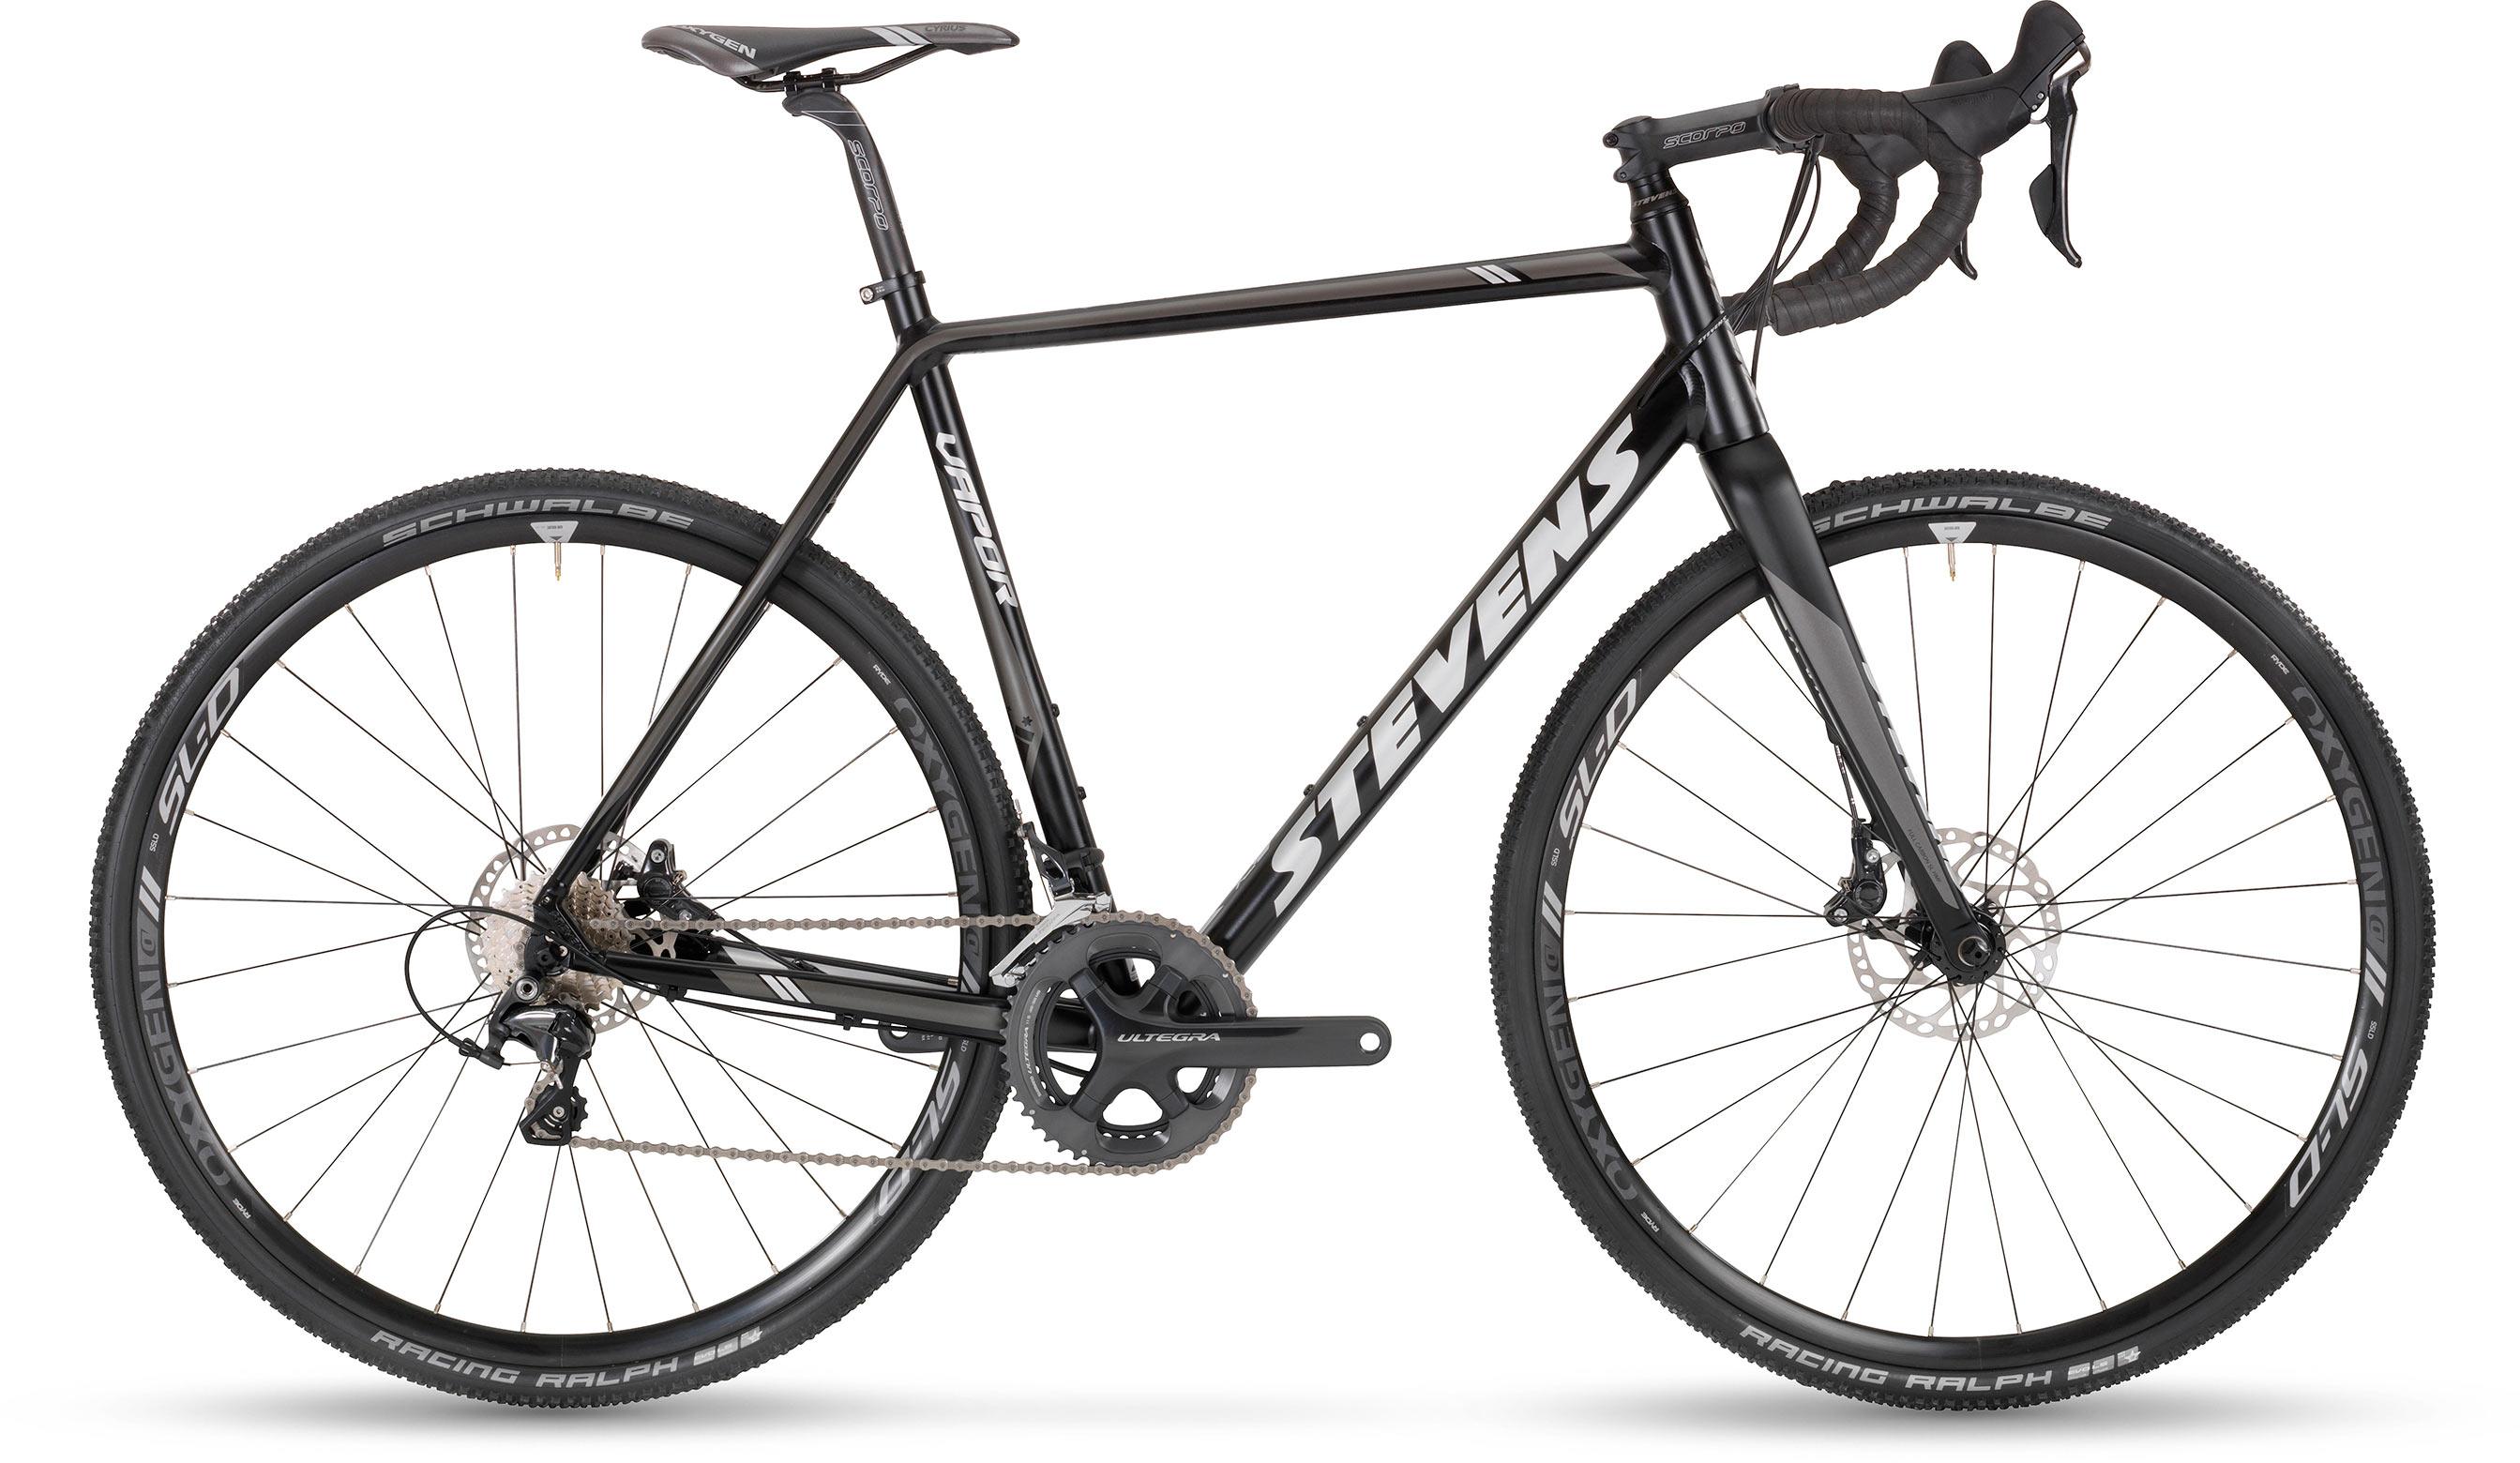 Vapor - Stevens Bikes 2016